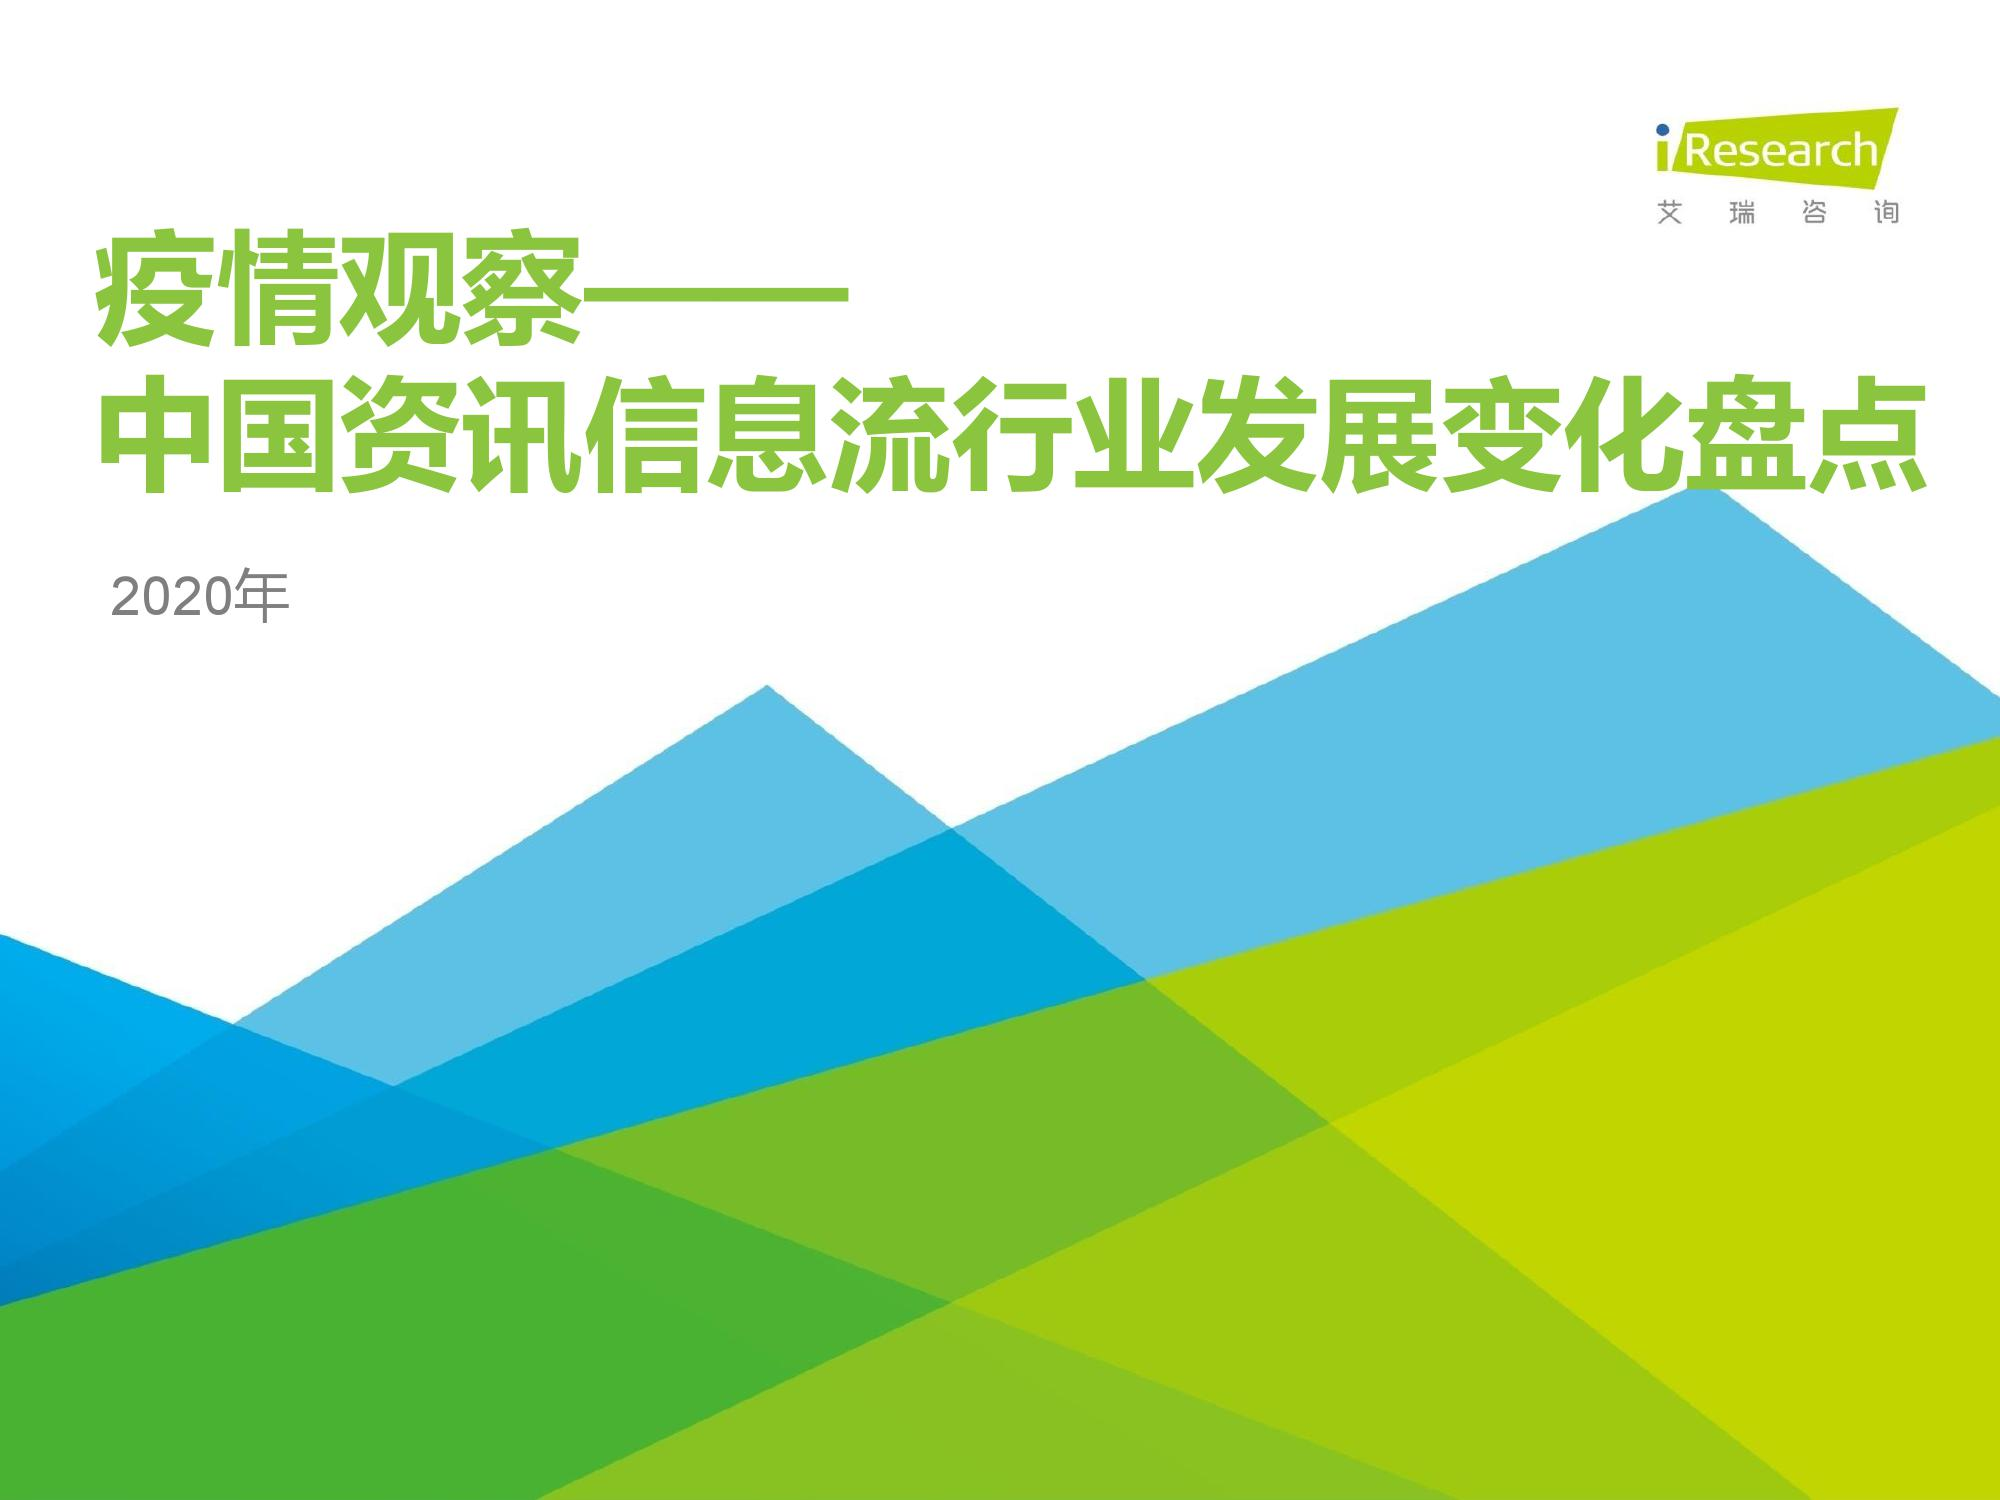 艾瑞咨询:2020年中国资讯信息流行业发展变化盘点(附下载)